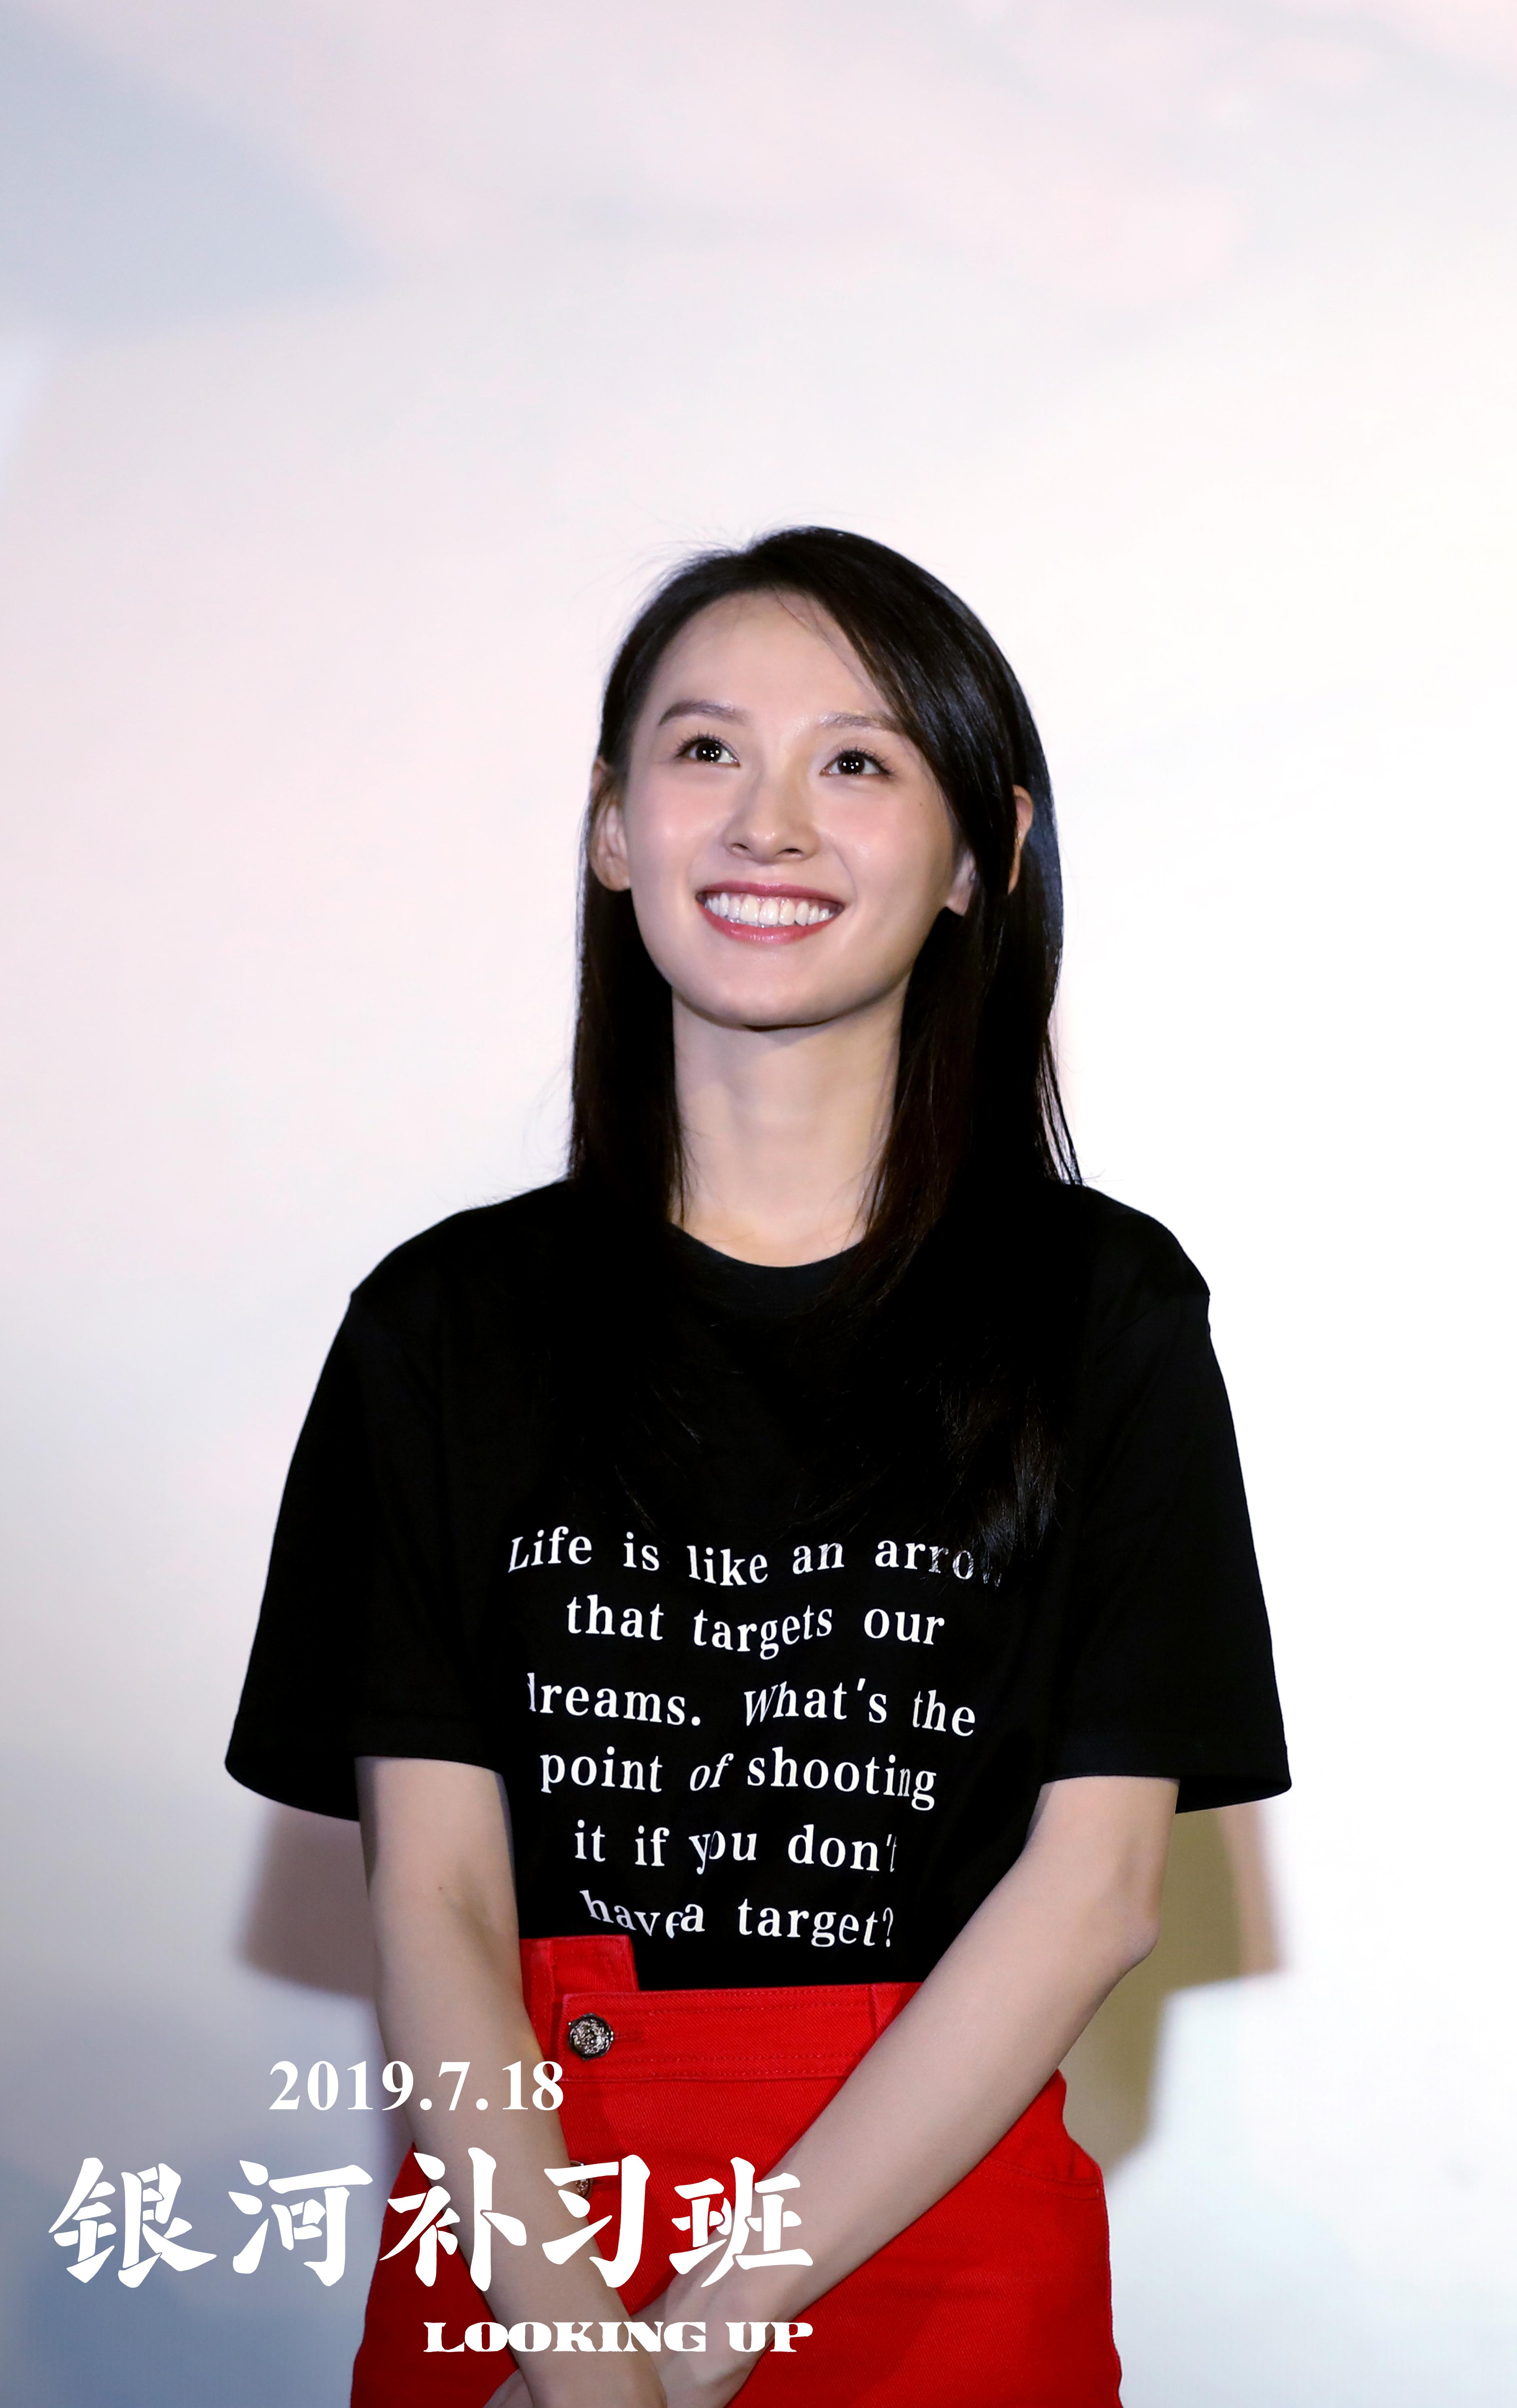 《银河补习班》重庆首映 女孩现场作文念哭邓超